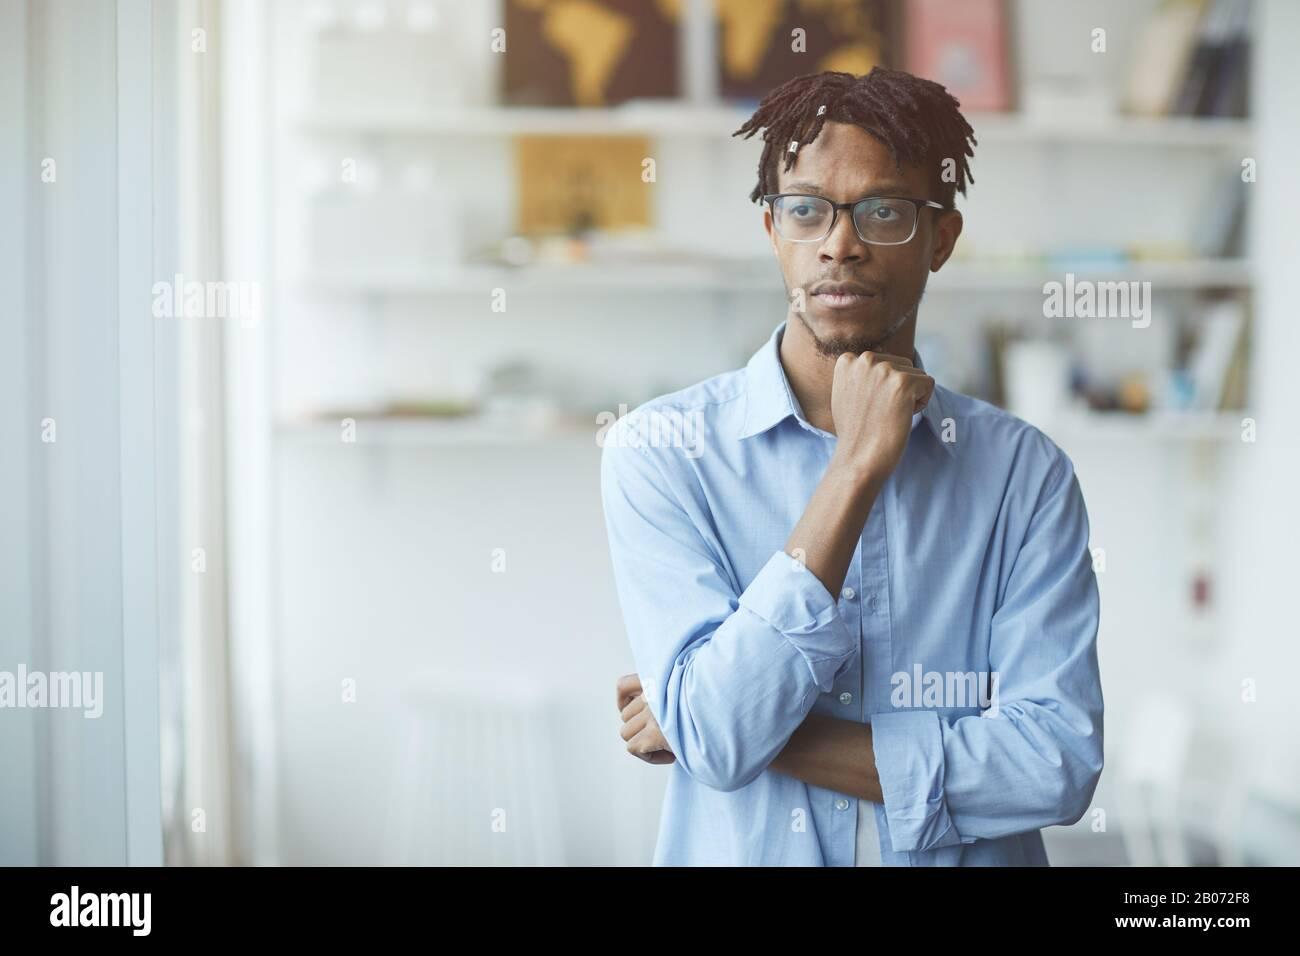 Homme d'affaires africain pensif dans les lunettes se tenant au bureau et regardant il pense à quelque chose Banque D'Images